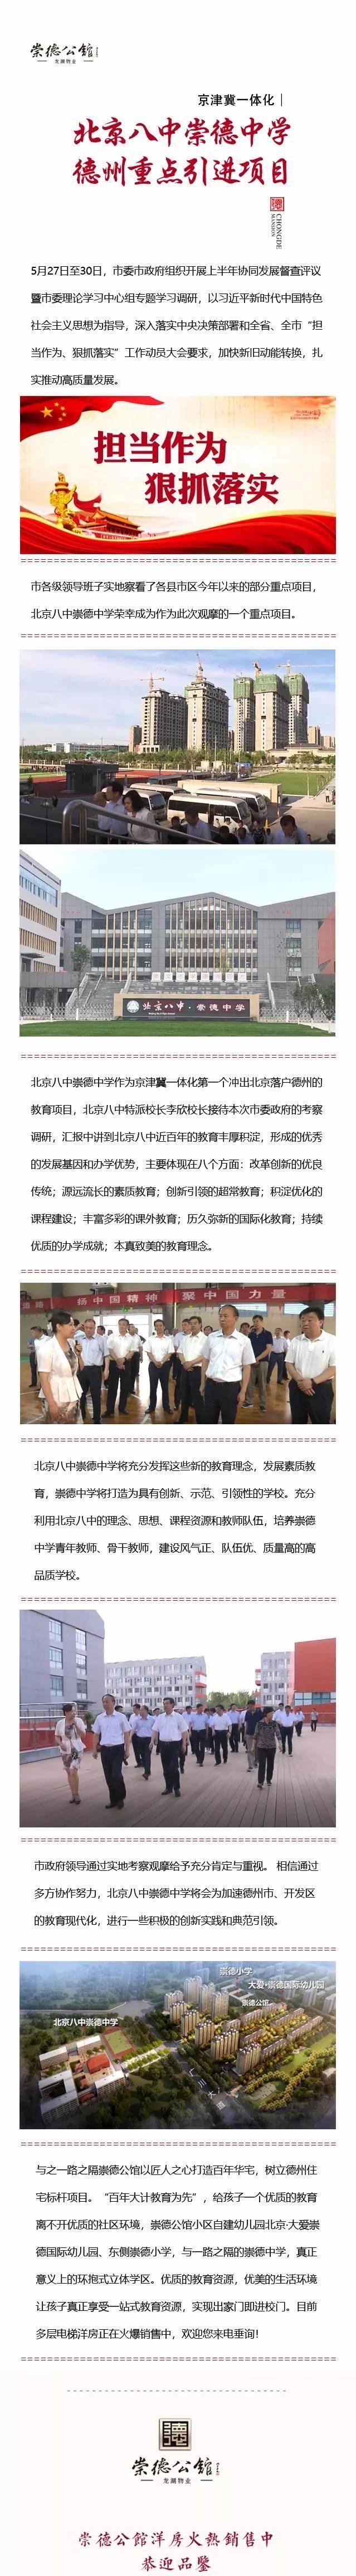 崇德公馆┃北京八中崇德中学德州重点引进项目